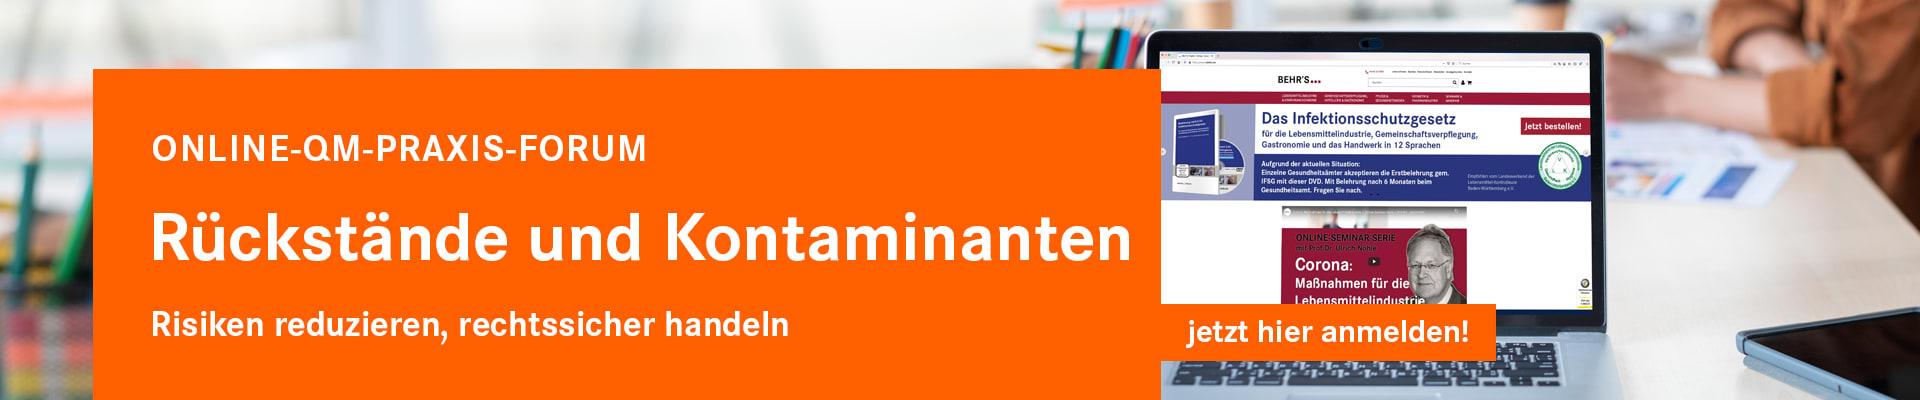 QM-Praxisforum Rückstände und Kontaminanten